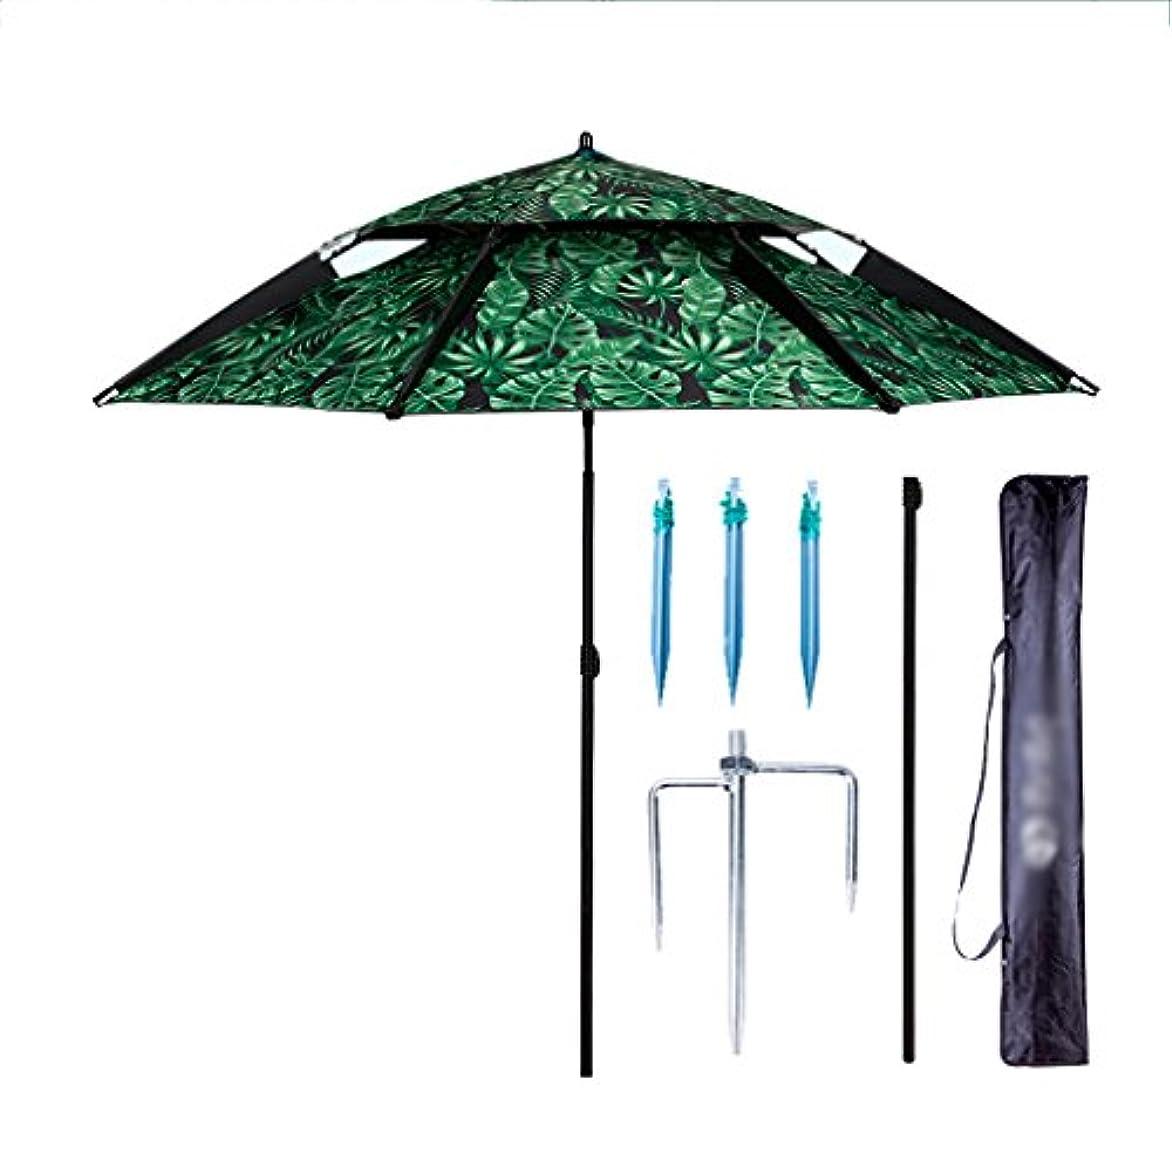 議題スチュアート島ピニオンLSS 屋外アンブレラ 釣り傘 傘 ユニバーサル レインコート アウトドア 折りたたみ パラソル サンシャス 釣り傘  (サイズ さいず : 200cm)